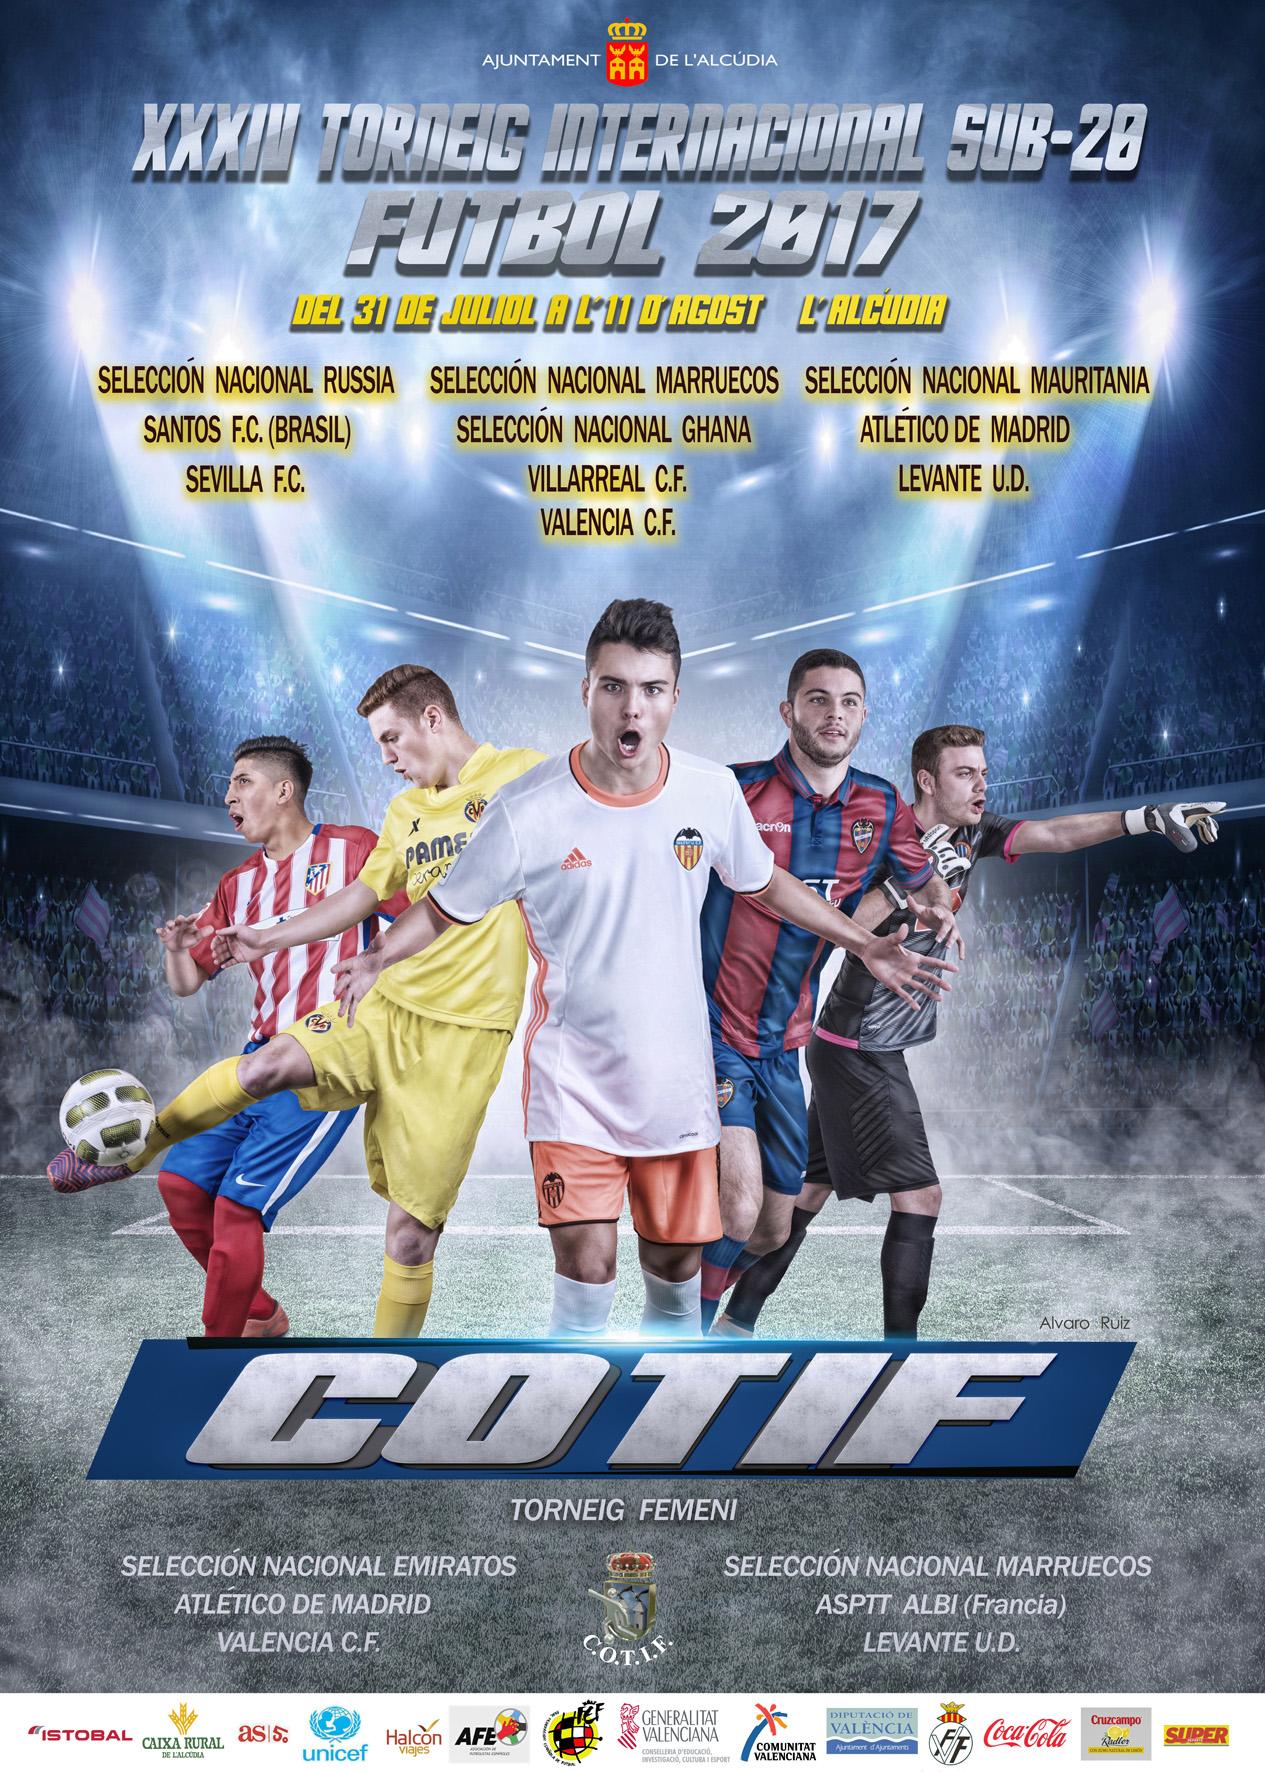 Cartel del 34 Torneo Internacional de Fútbol Cotif de 2017.